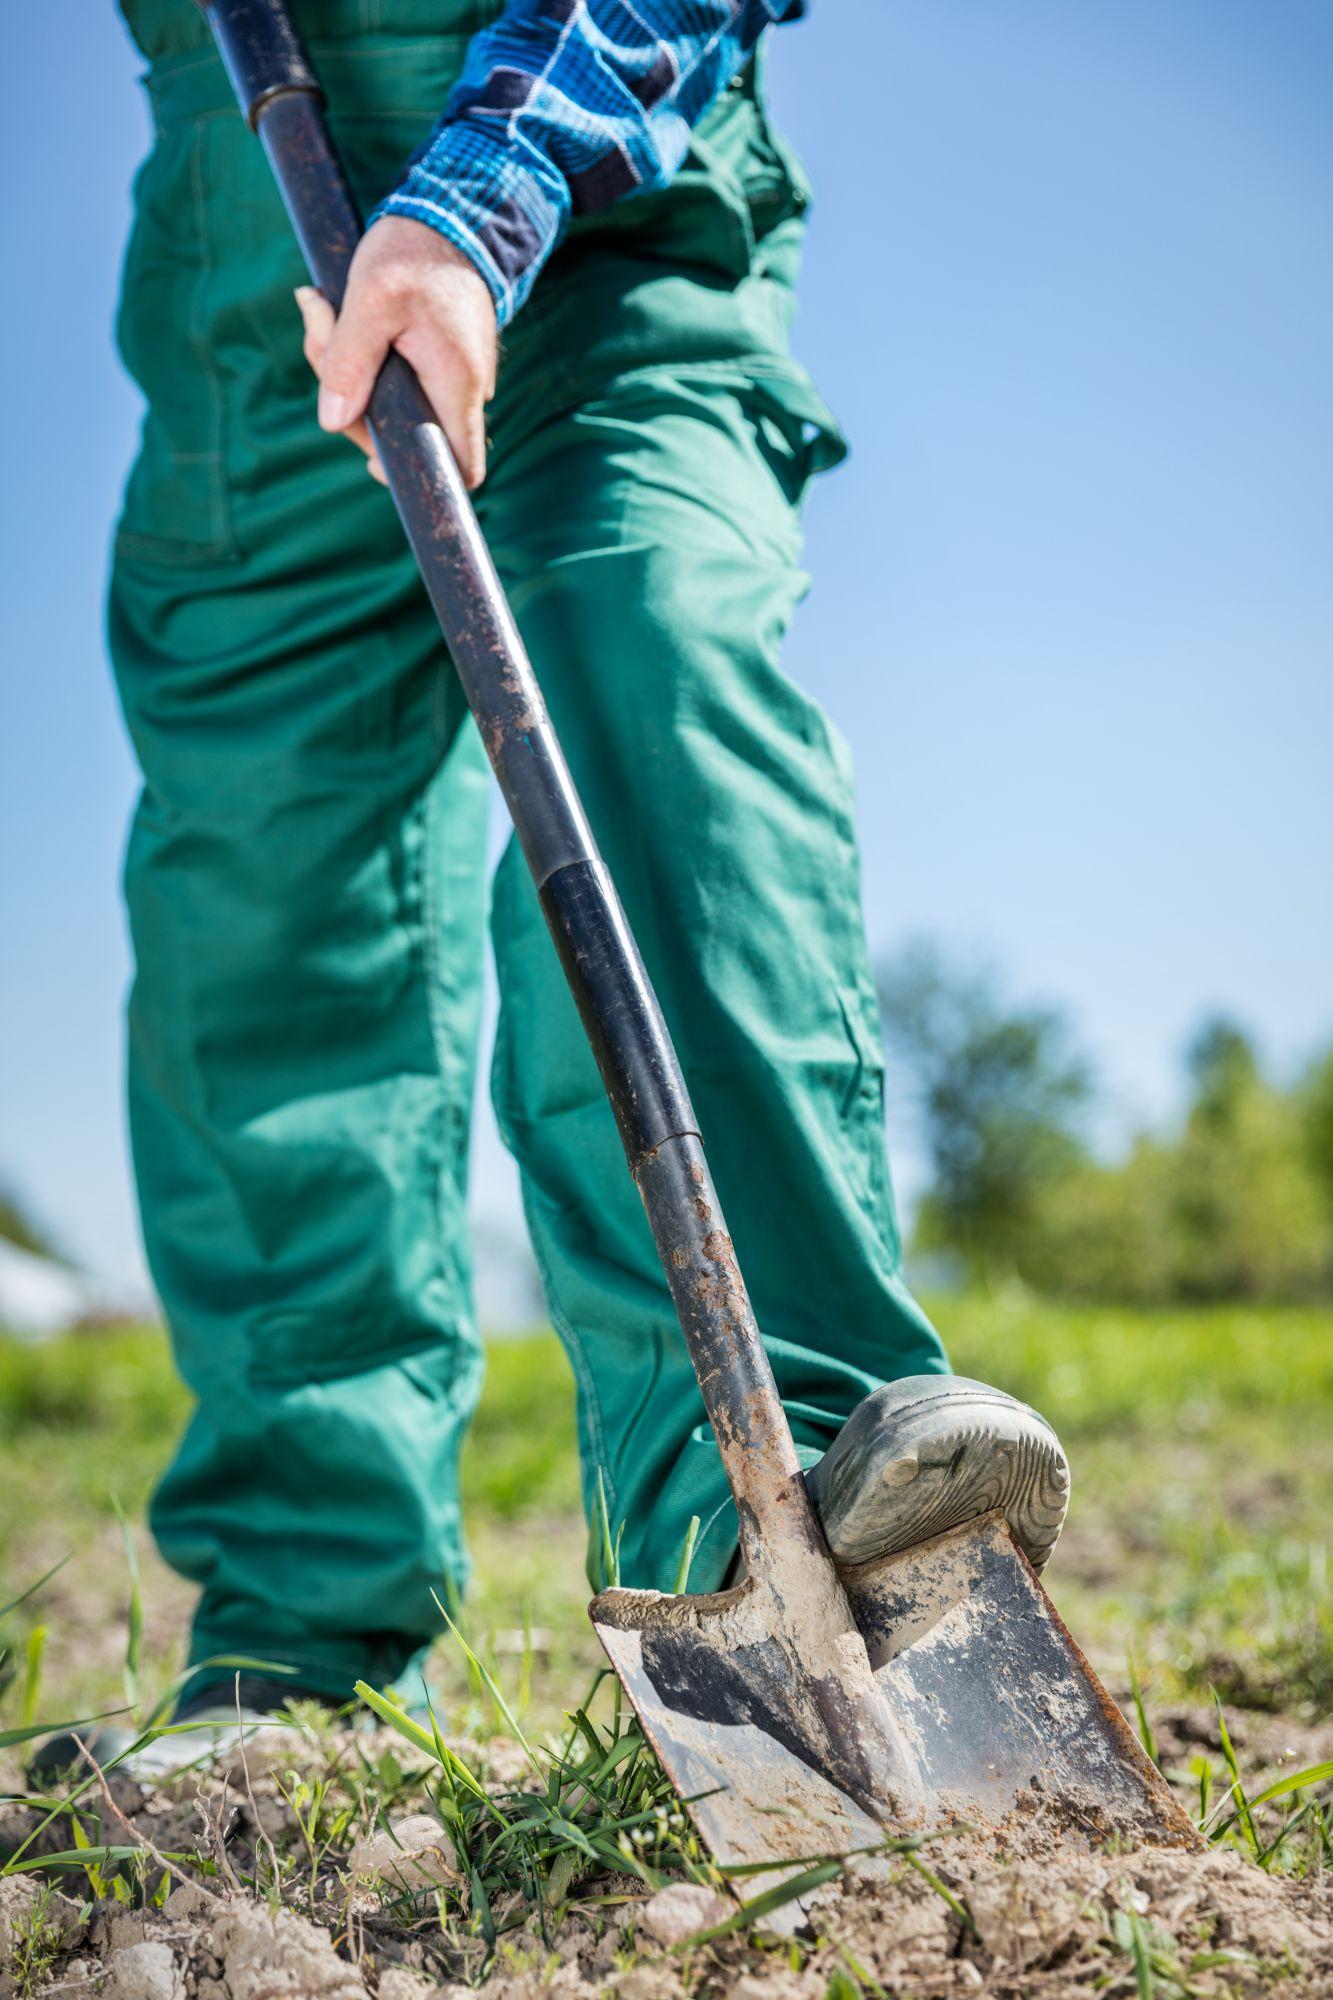 gardener-digging-in-a-garden-with-a-shovel-PMZAYJK